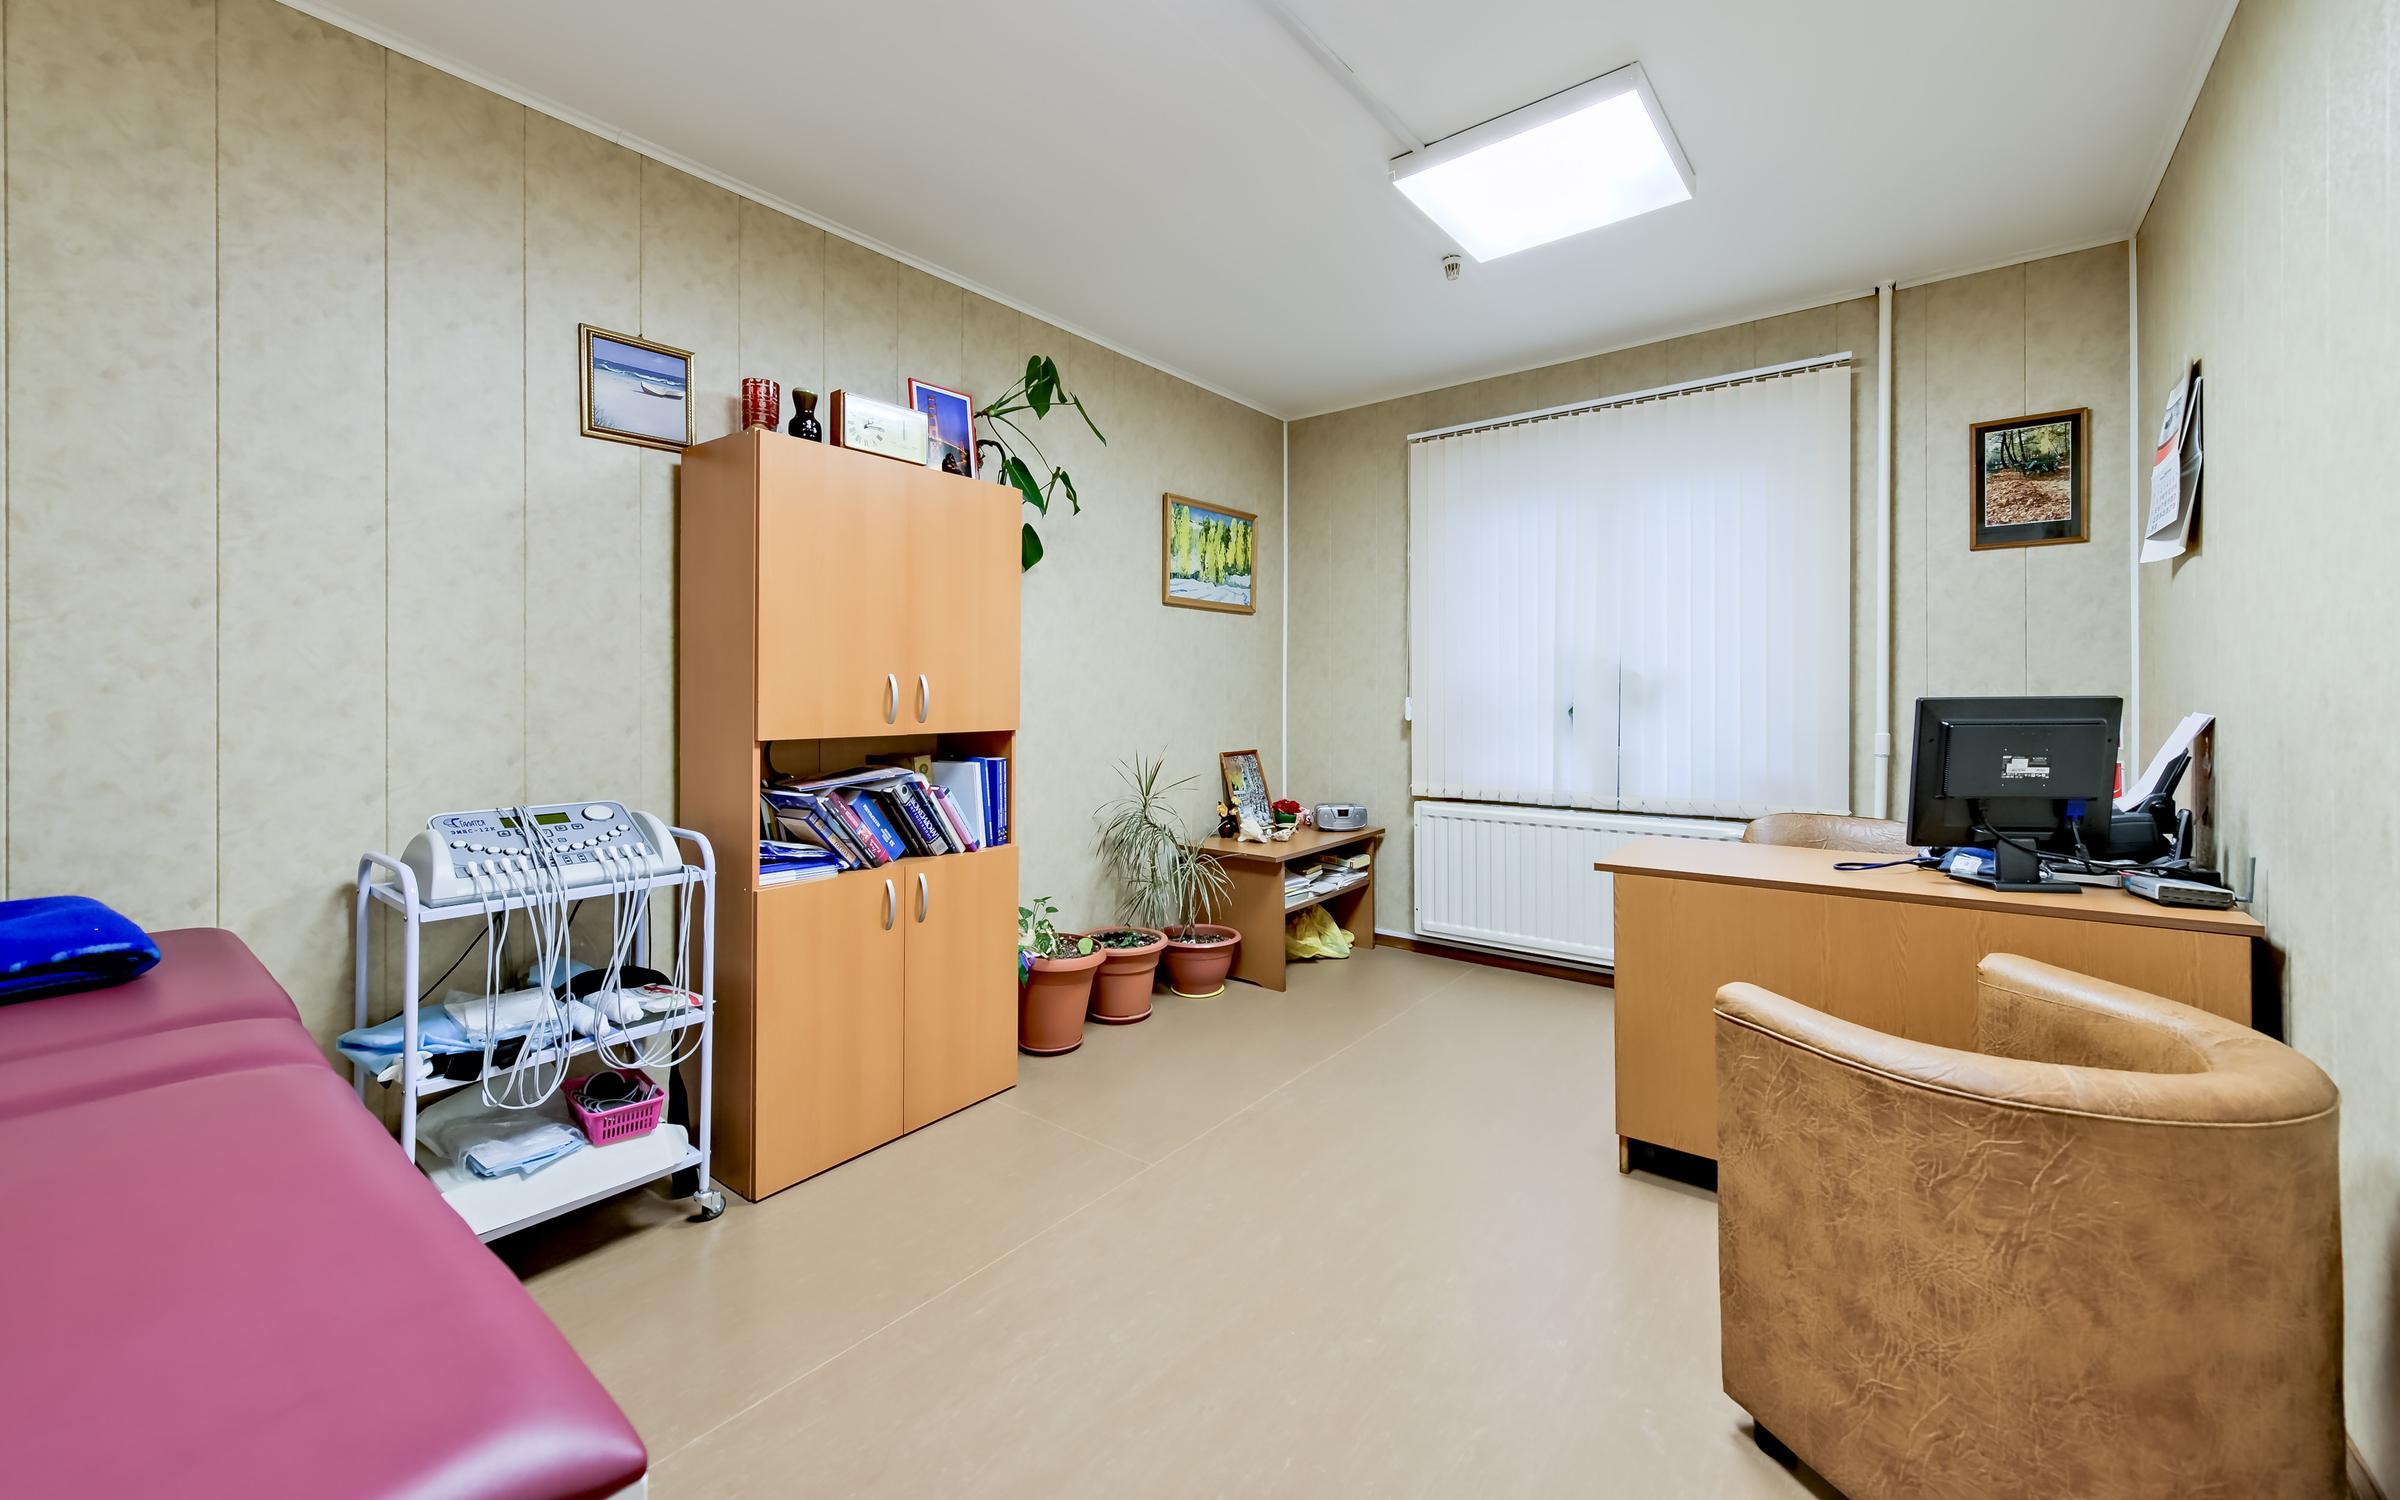 лечение медицинская клиника евпатория тонкое